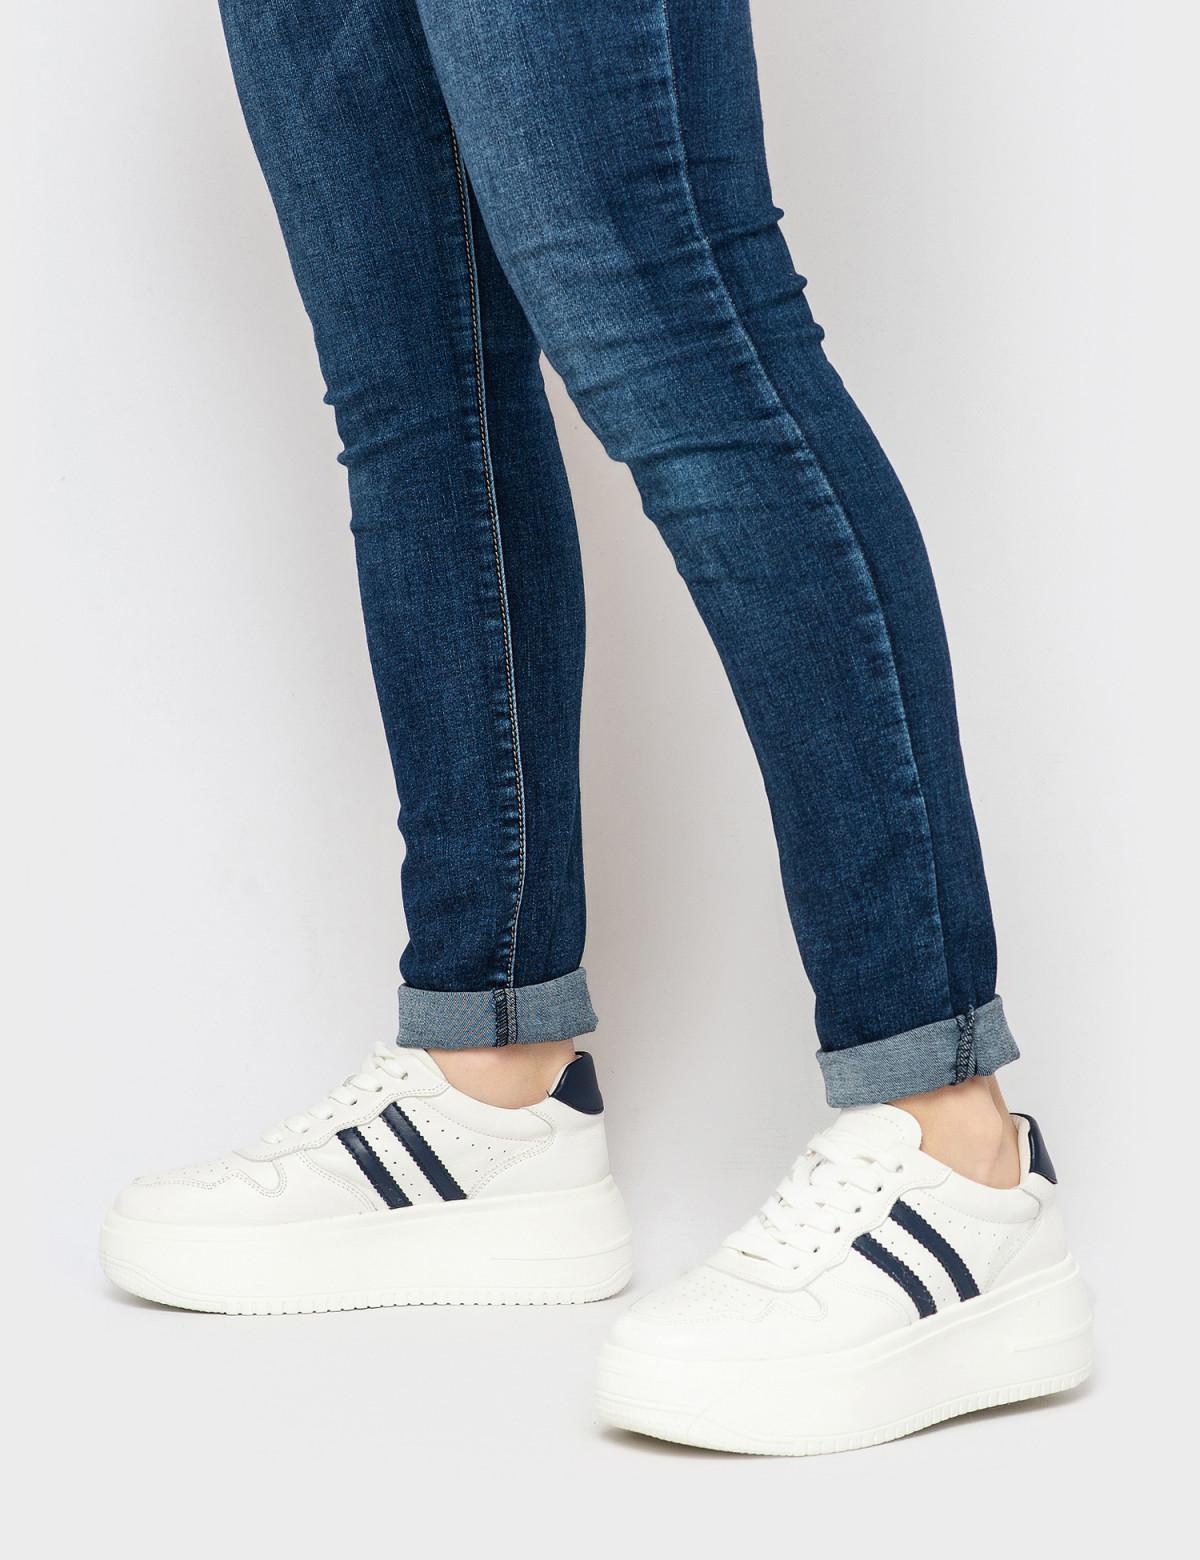 Кросівки білі/сині. Натуральна шкіра4